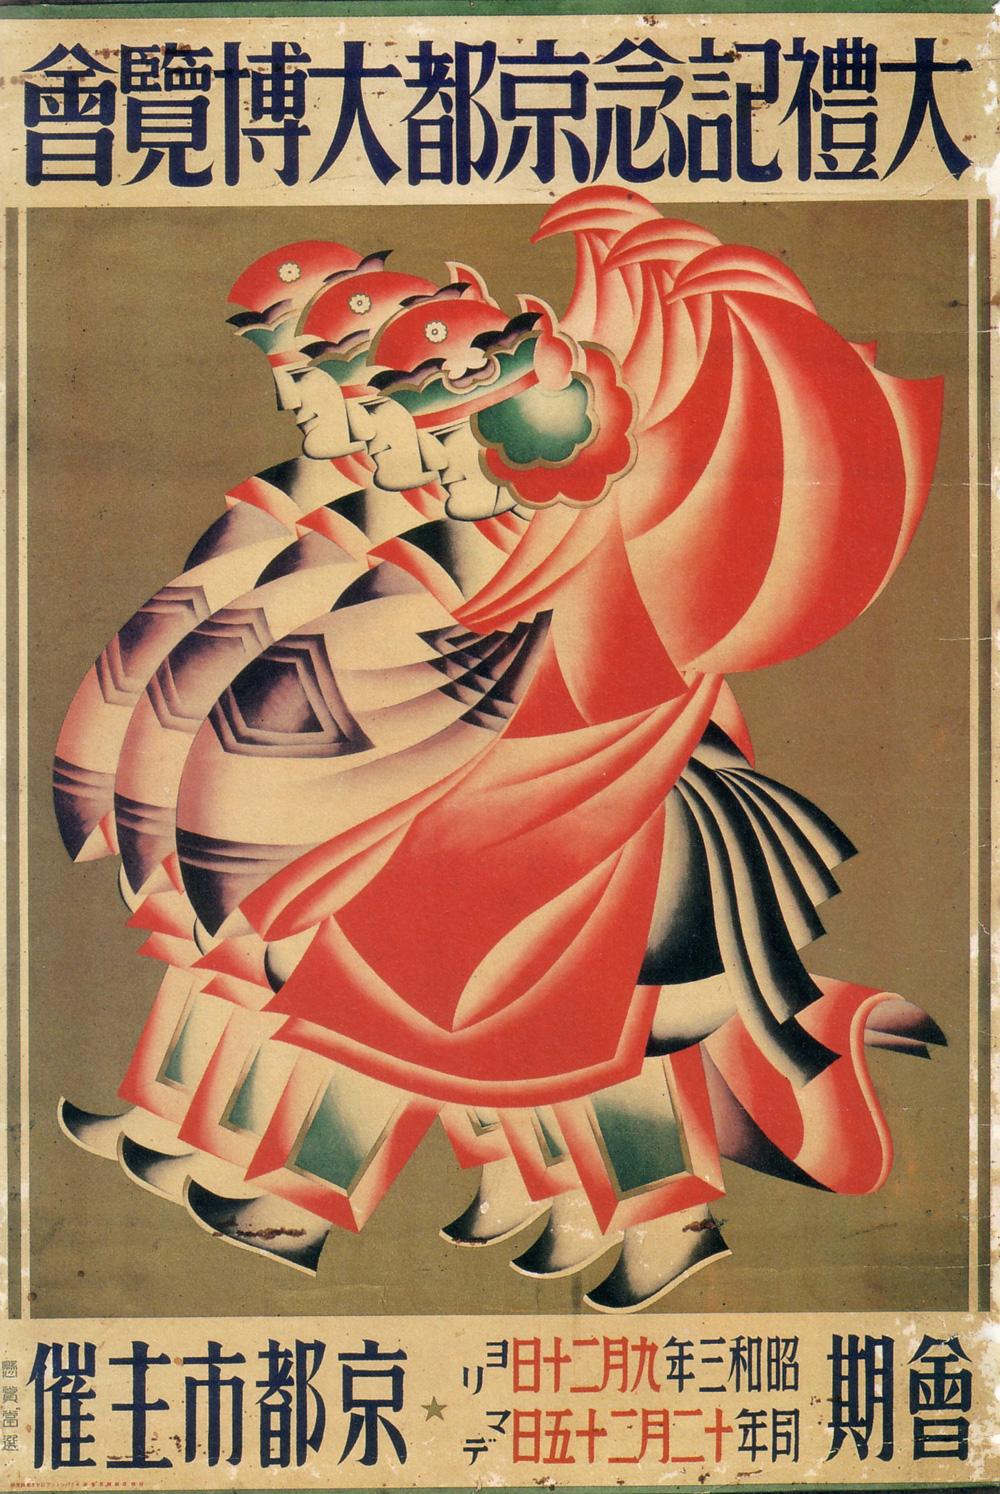 Poster design 1920s - Modernist Japanese Poster Poster Design By Shujiro Shimomura